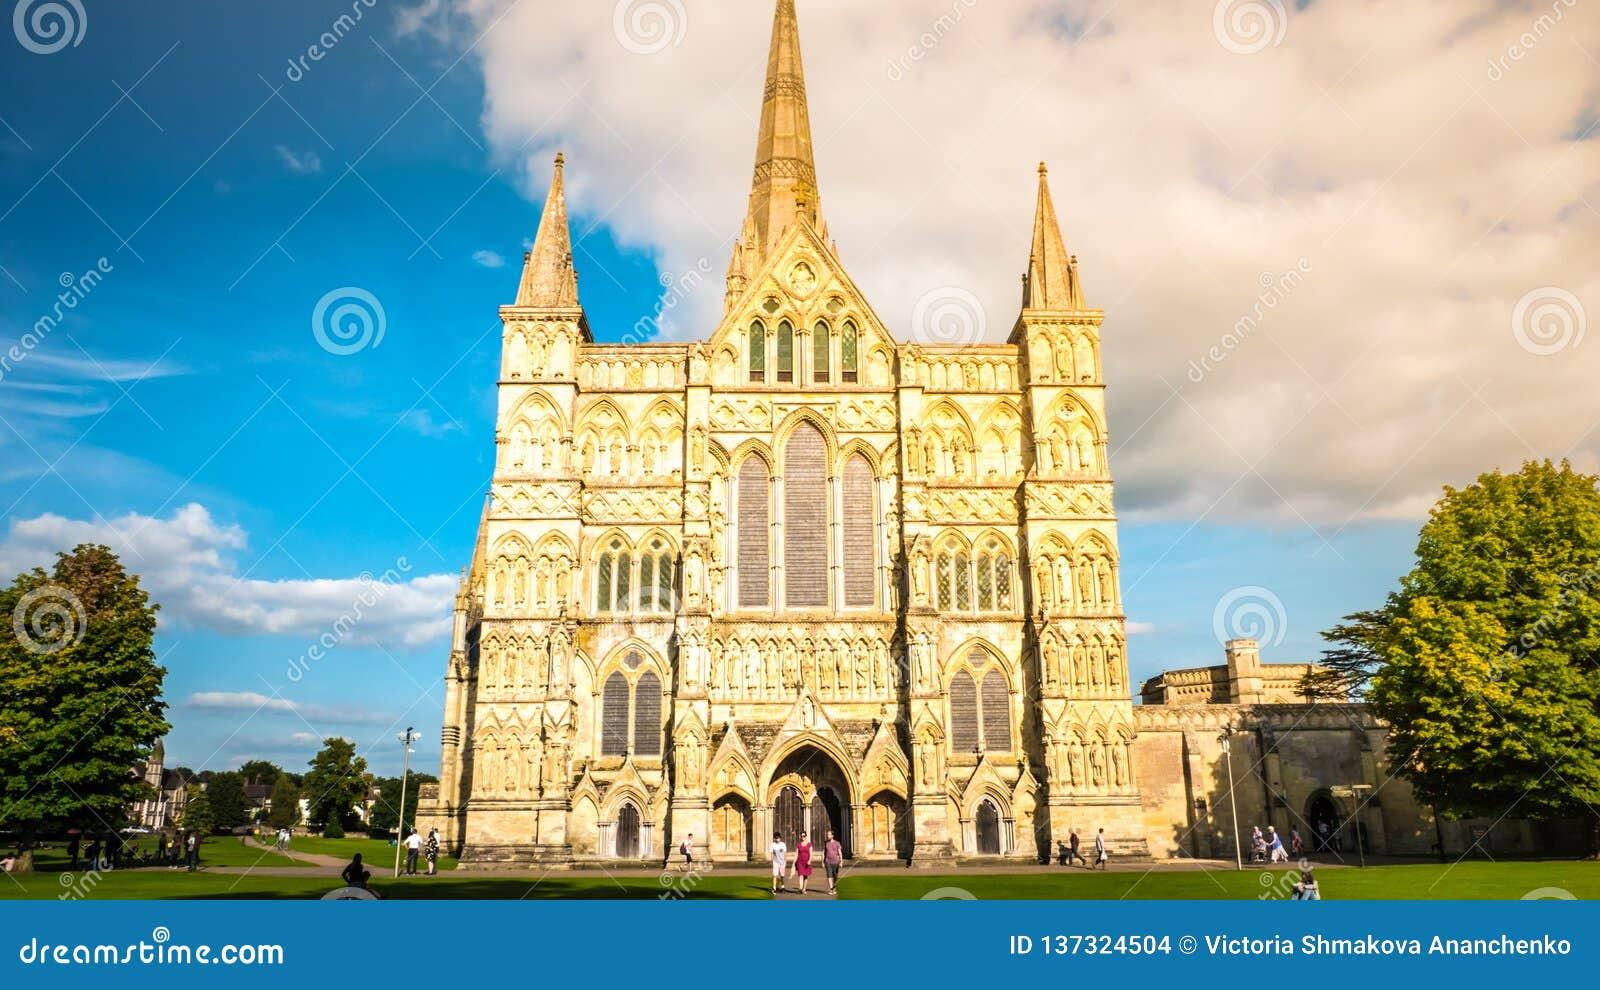 Opinião dianteira da fachada da catedral de Salisbúria em Salisbúria Reino Unido